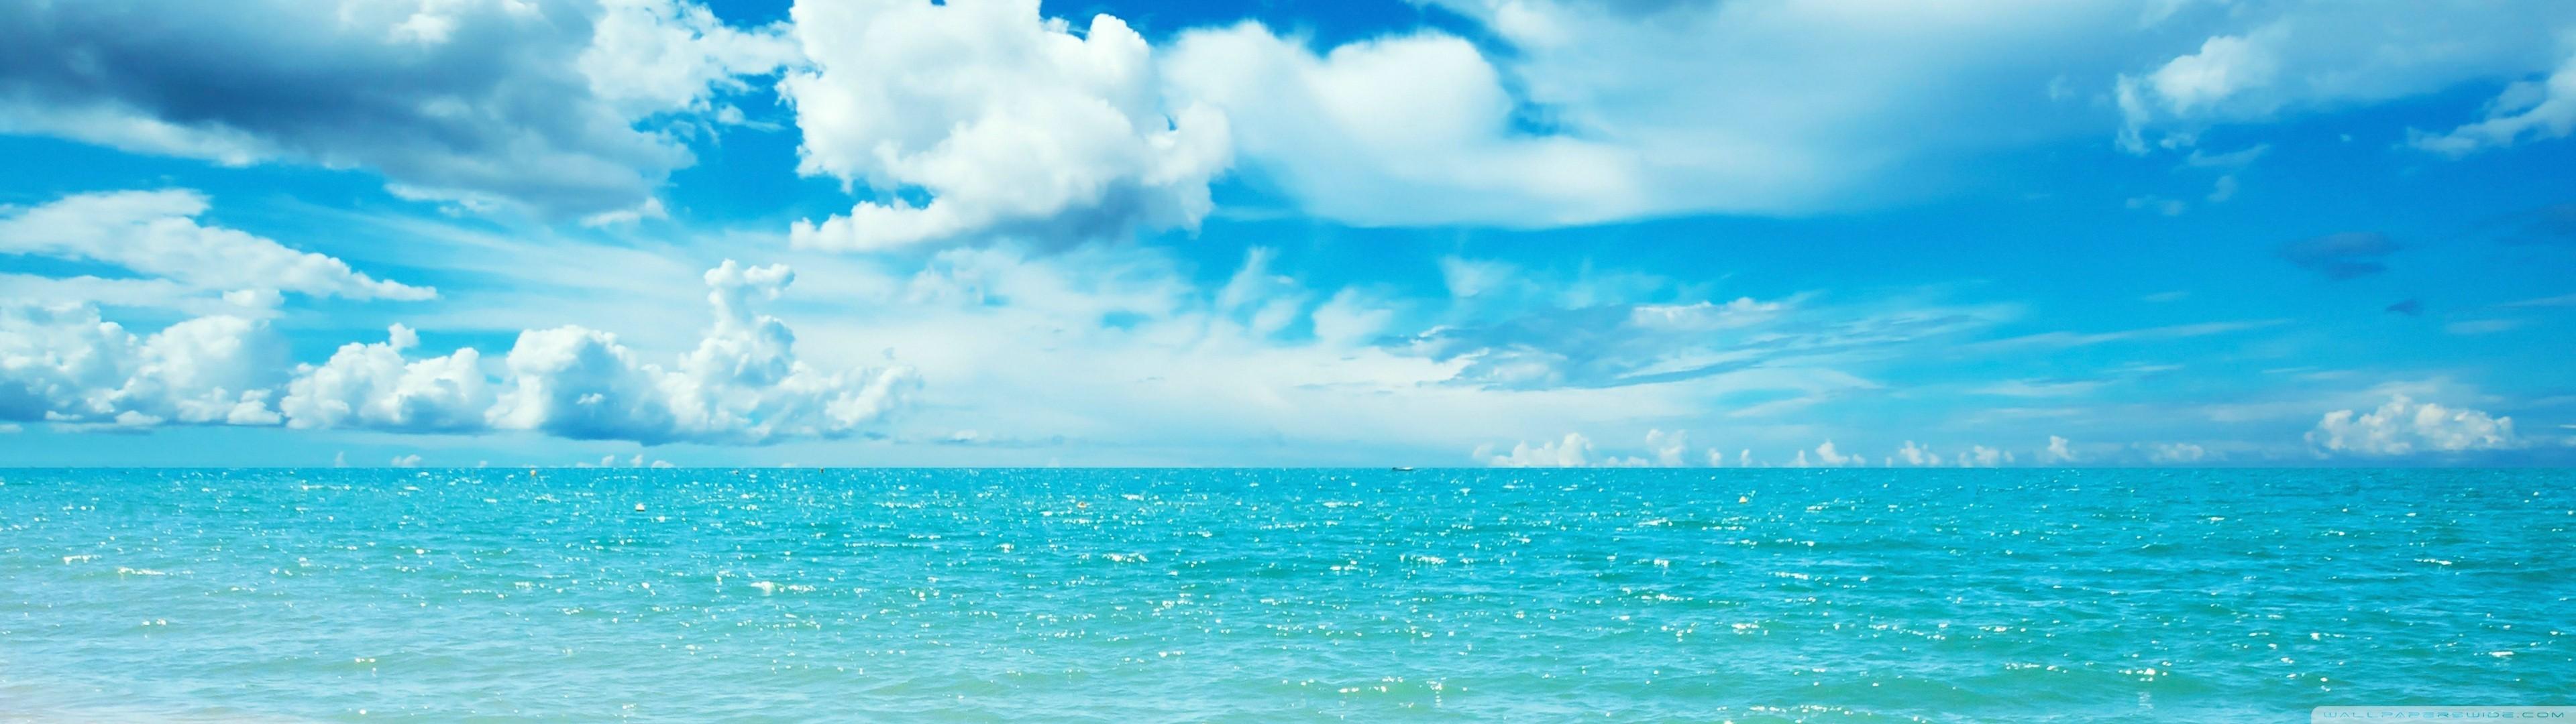 デスクトップ壁紙 3840x1080 Px 雲 マルチディスプレイ 空 水